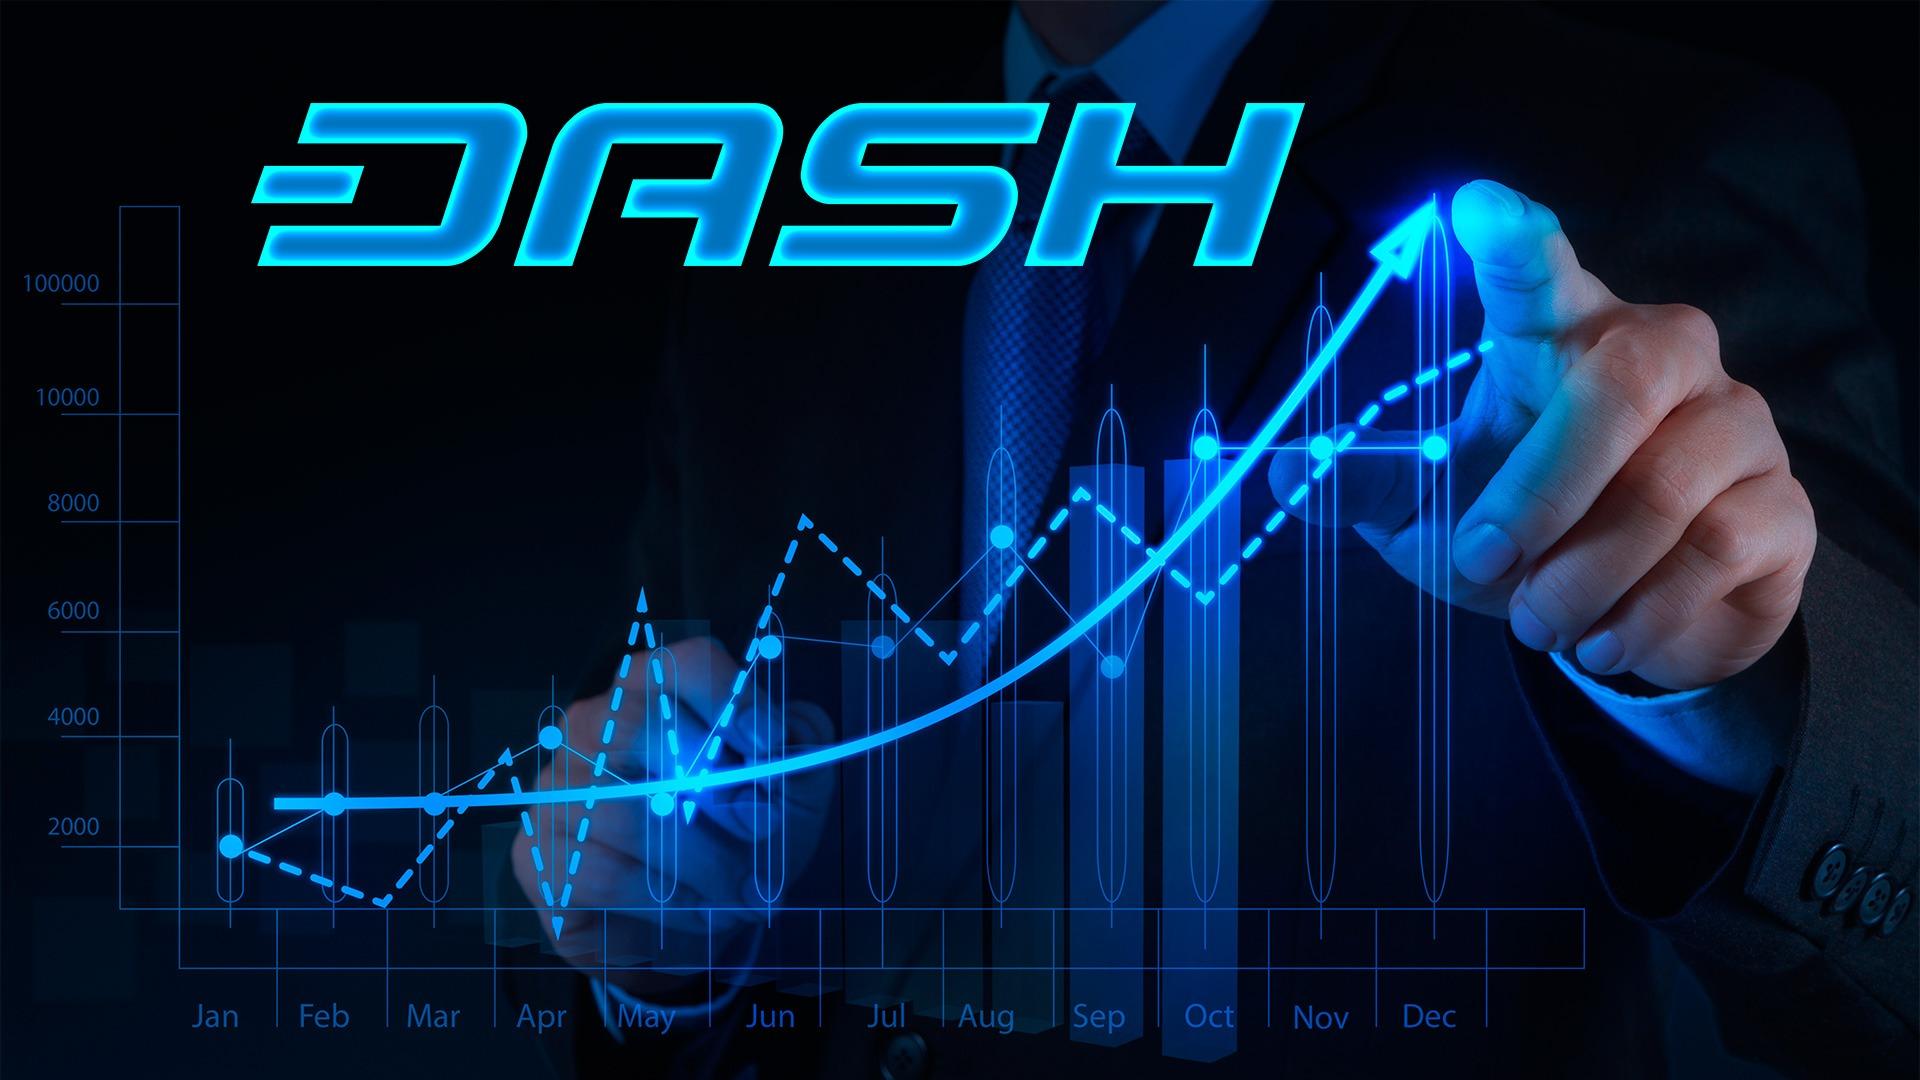 Na quarta-feira, dia 22 de novembro, o preço do Dash atingiu um novo patamar histórico, superando pela primeira vez a marca de US$570.